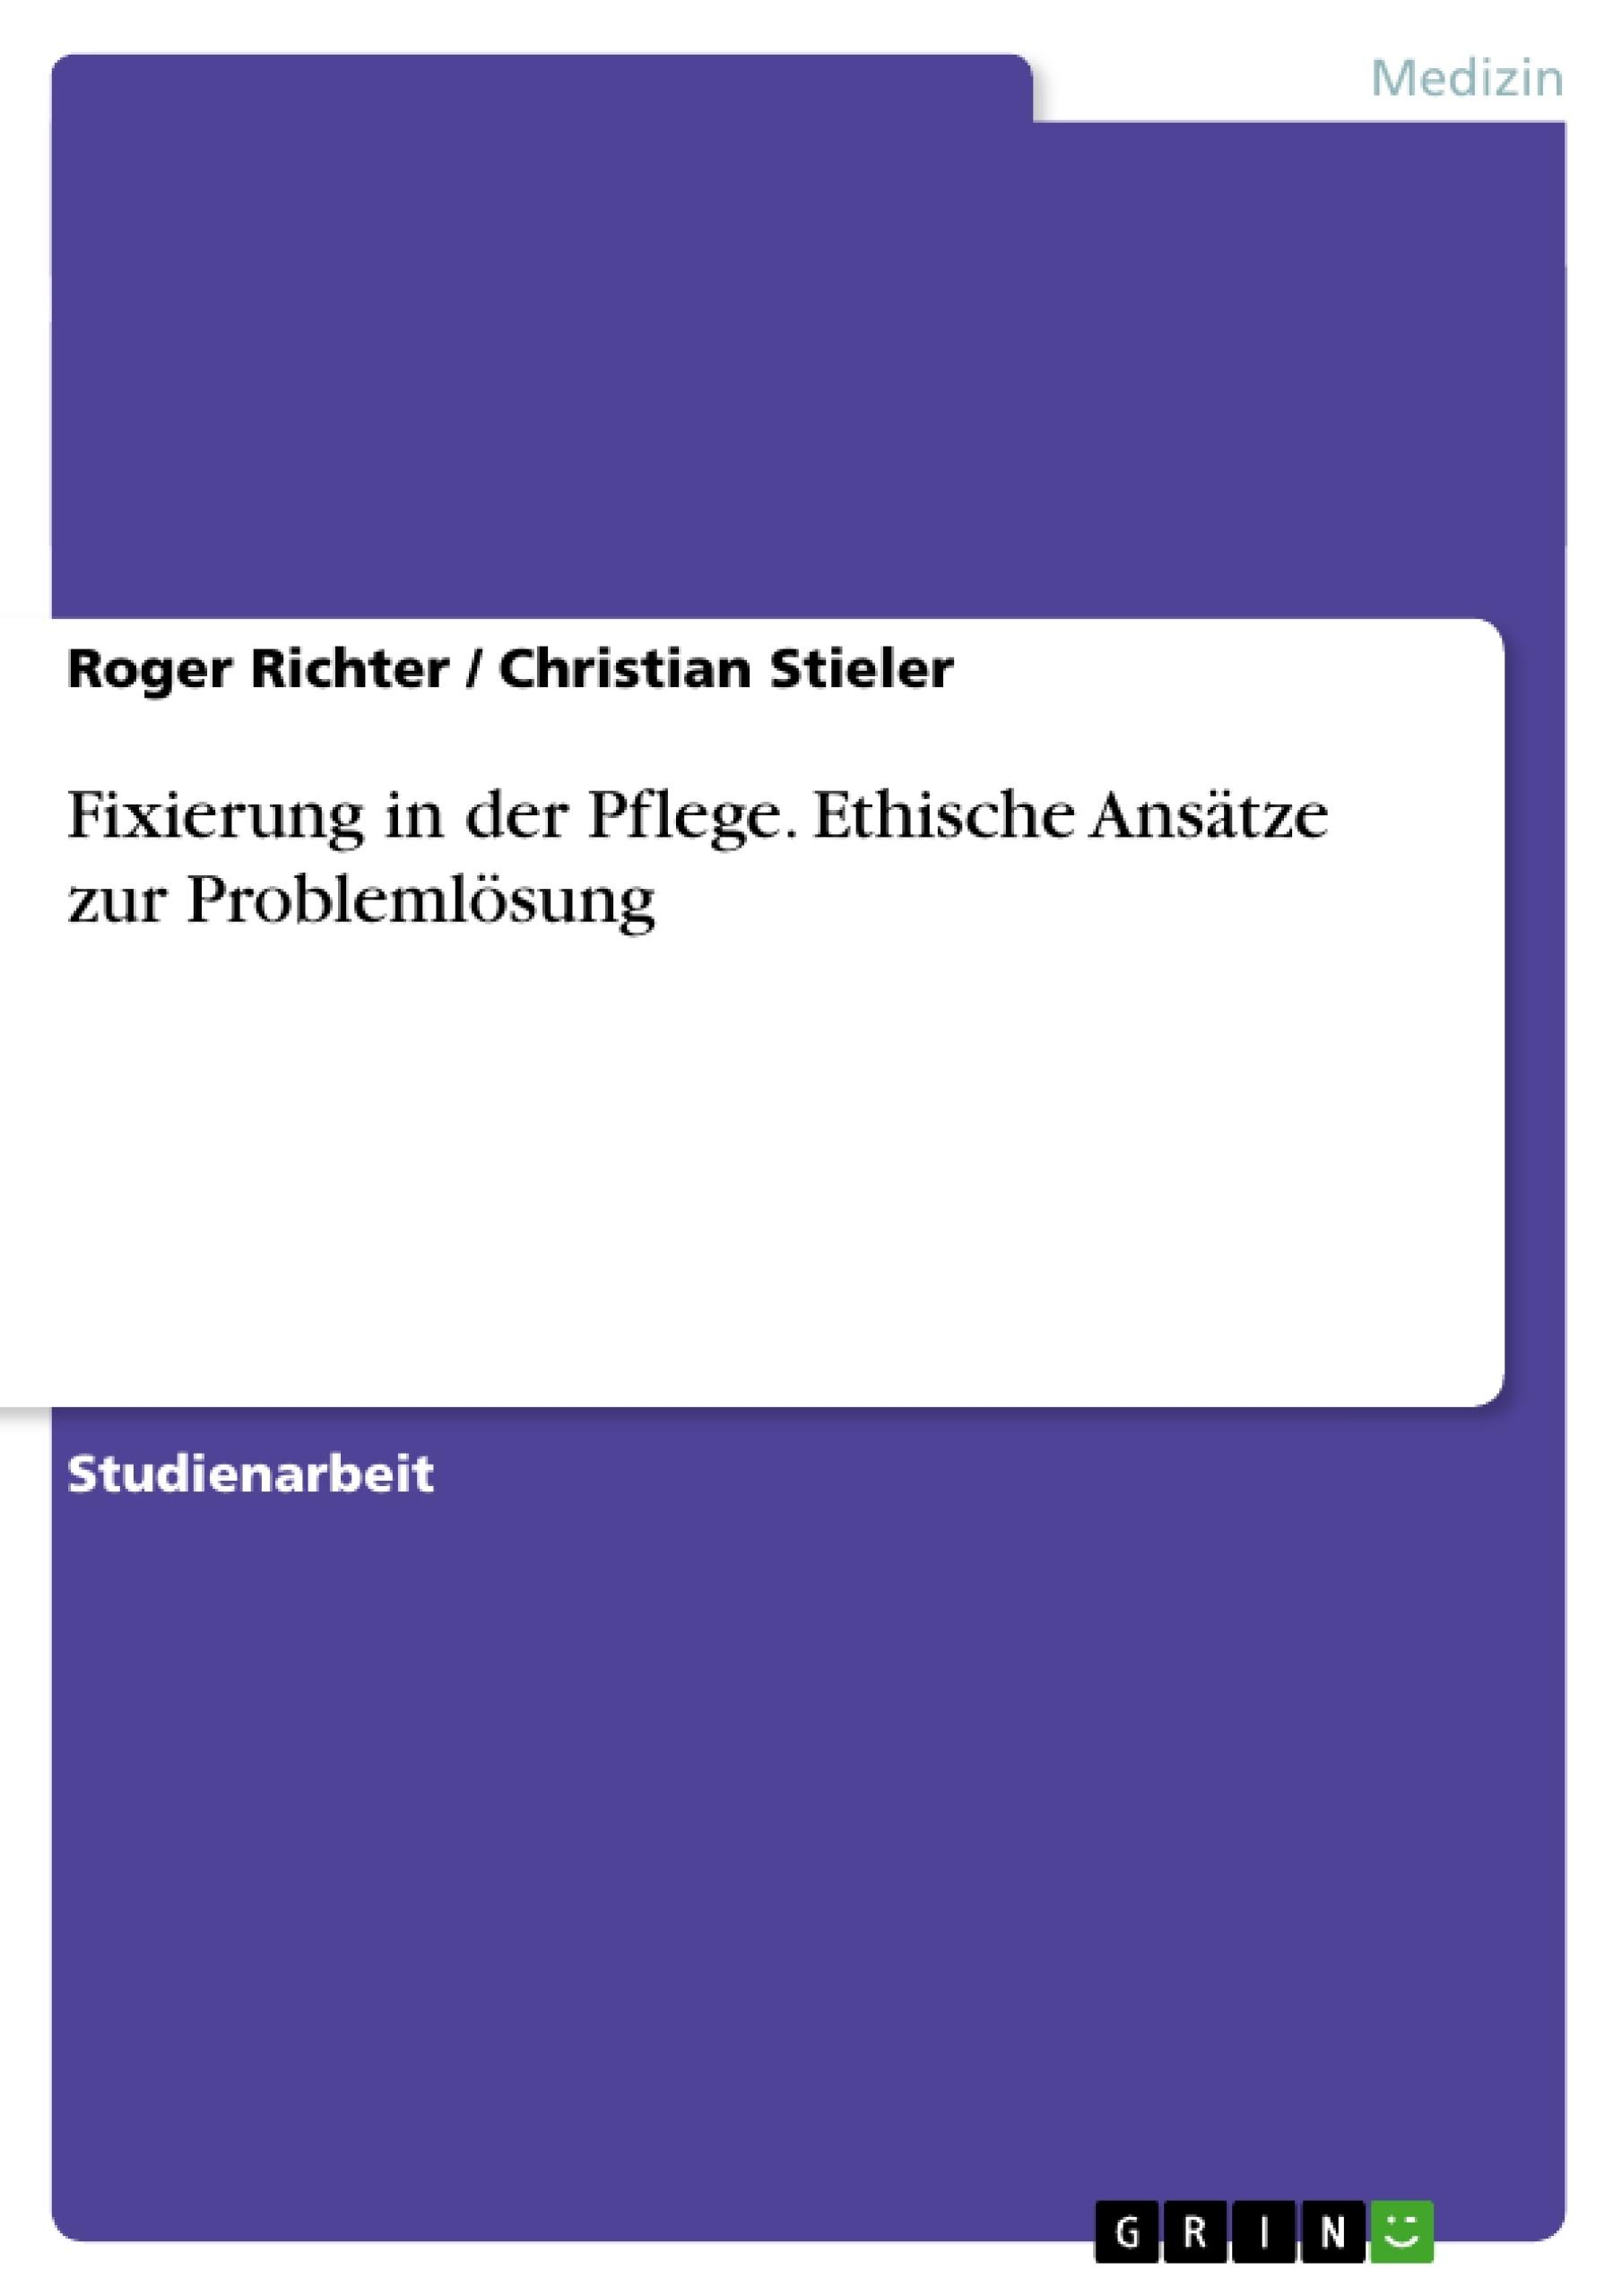 Titel: Fixierung in der Pflege. Ethische Ansätze zur Problemlösung